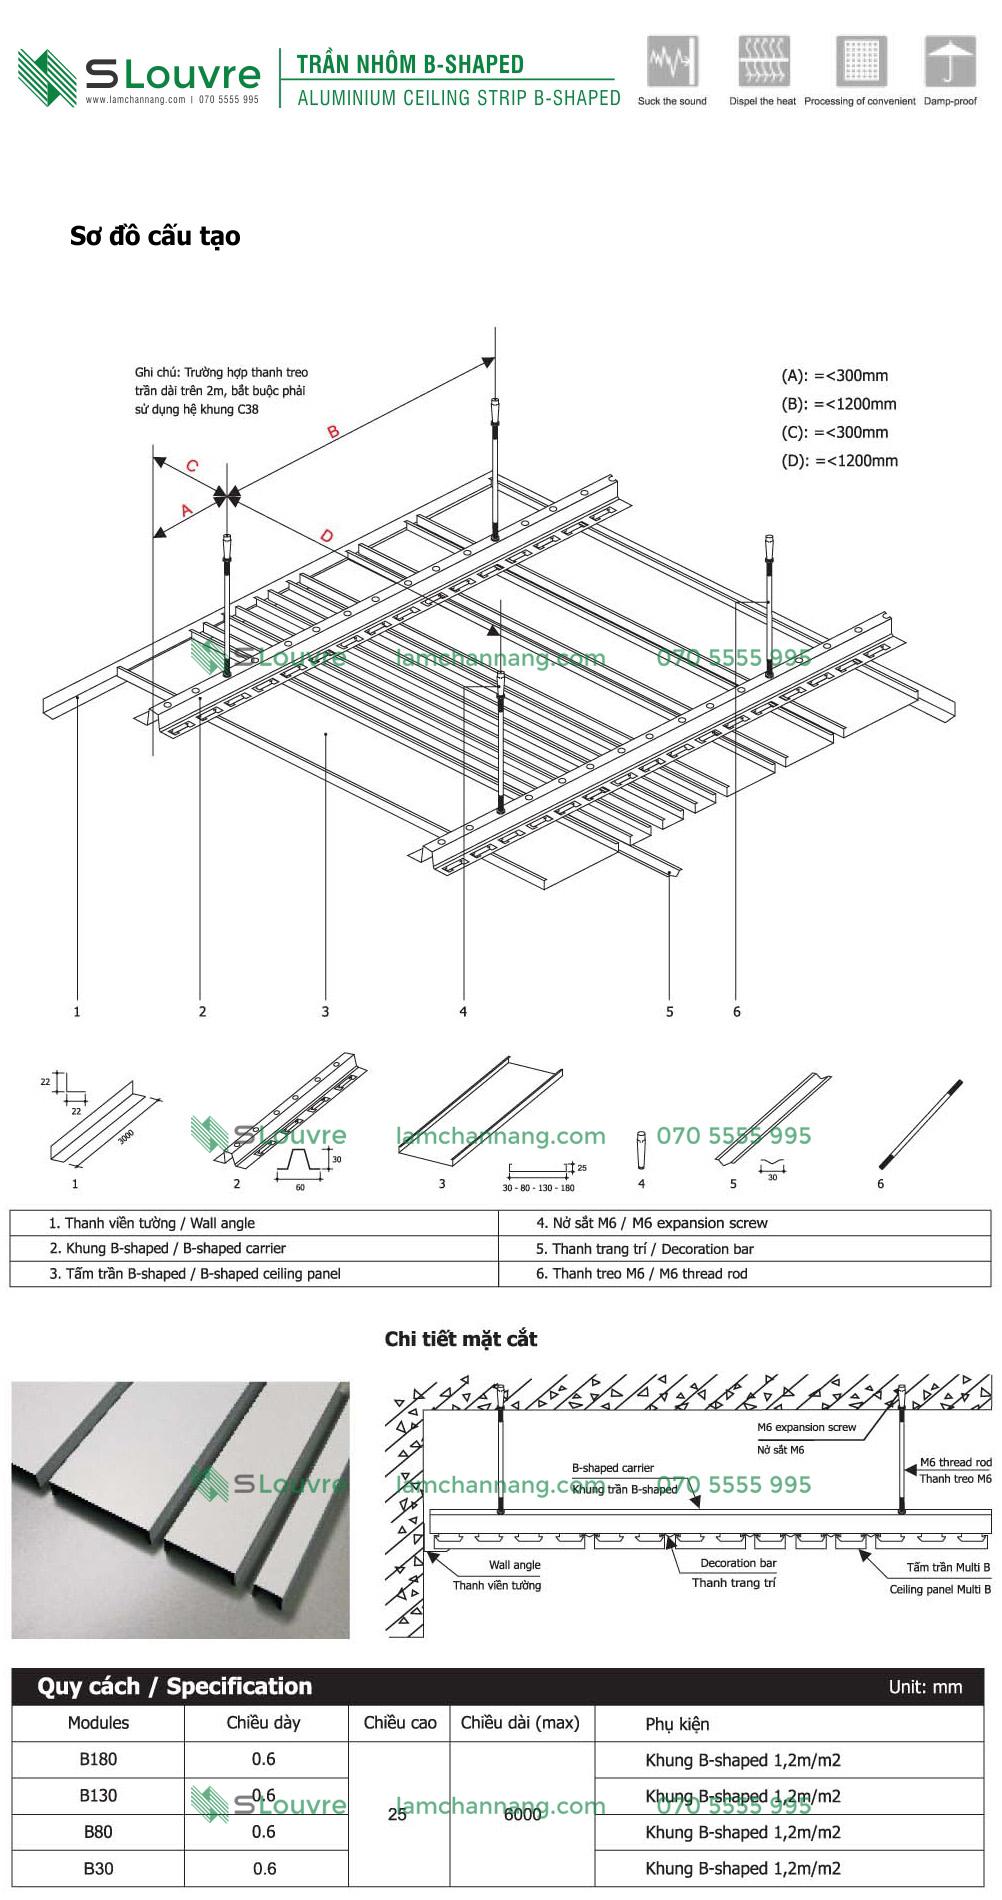 Multi Panel Ceiling, Metal Linear Ceilings, Exterior ceiling, aluminium ceiling, metal ceiling, Aluminium Strip Ceiling B, trần sọc B, trần nhôm sọc B, trần nhôm sọc, trần sọc, trần chữ B, trần nhôm Multi B